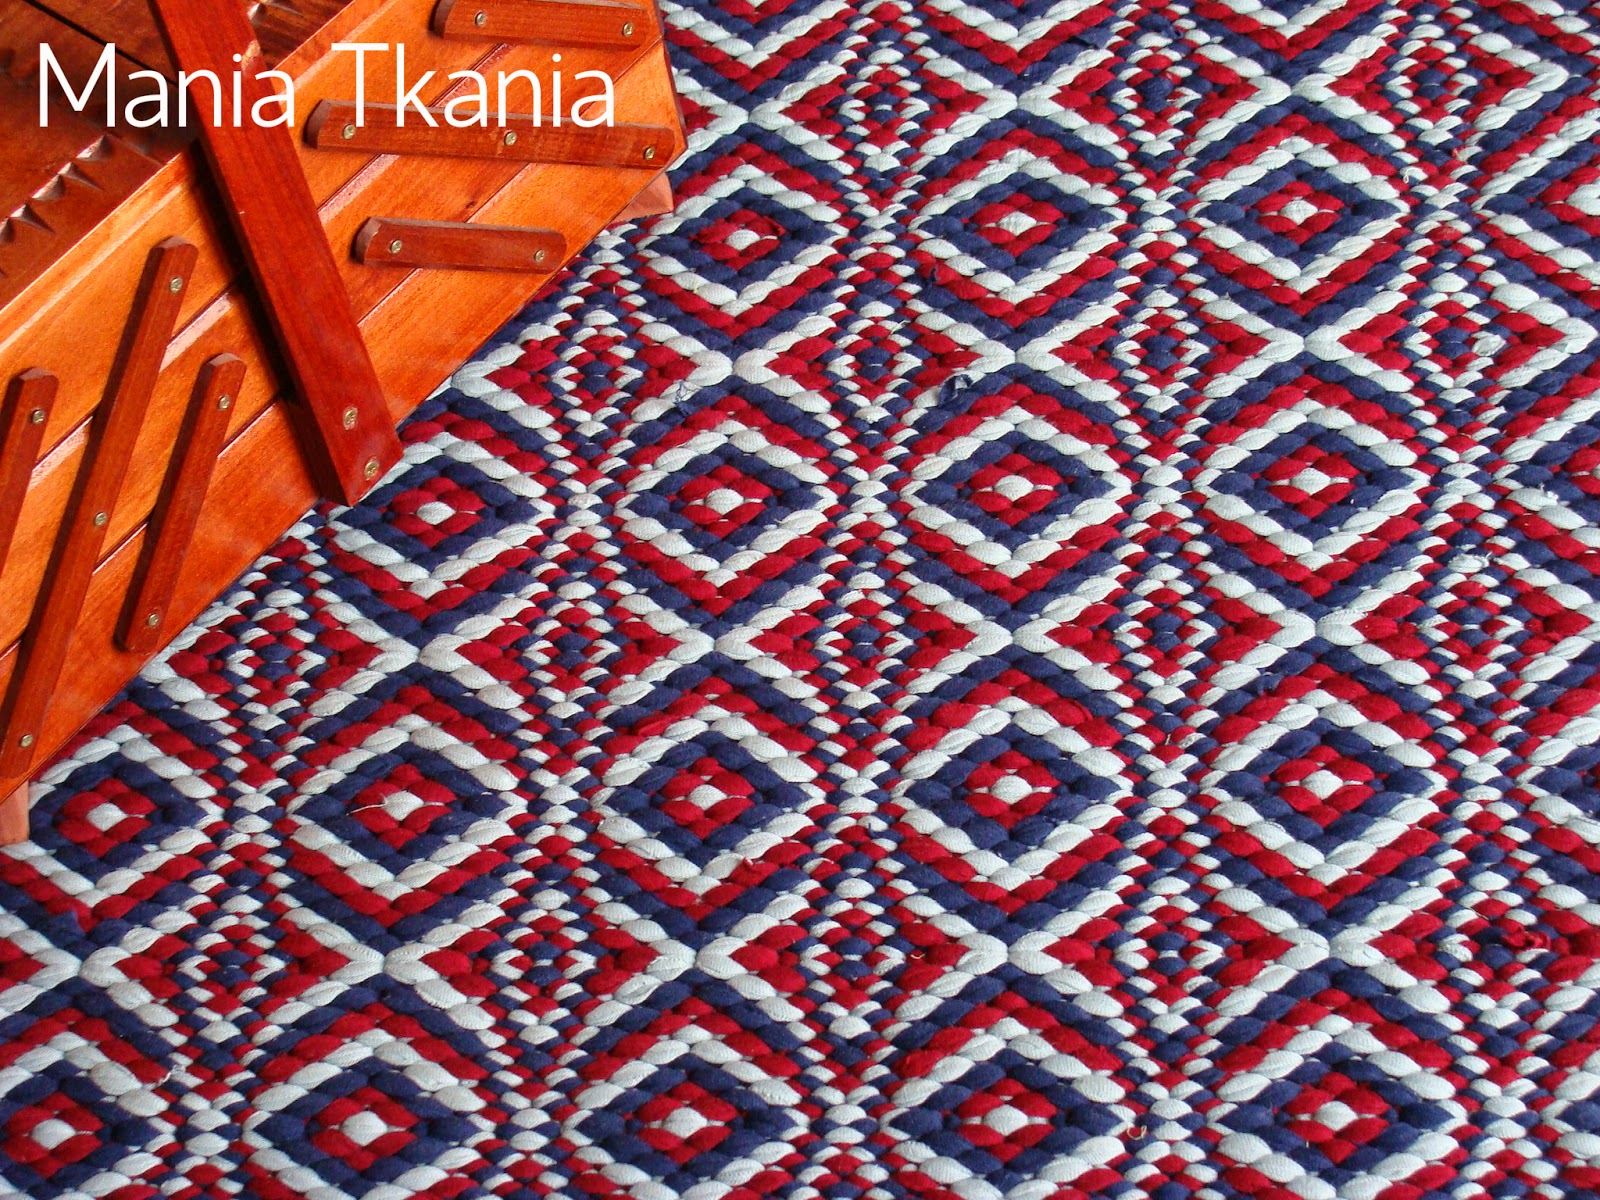 ręcznie tkane chodniki / rag rugs